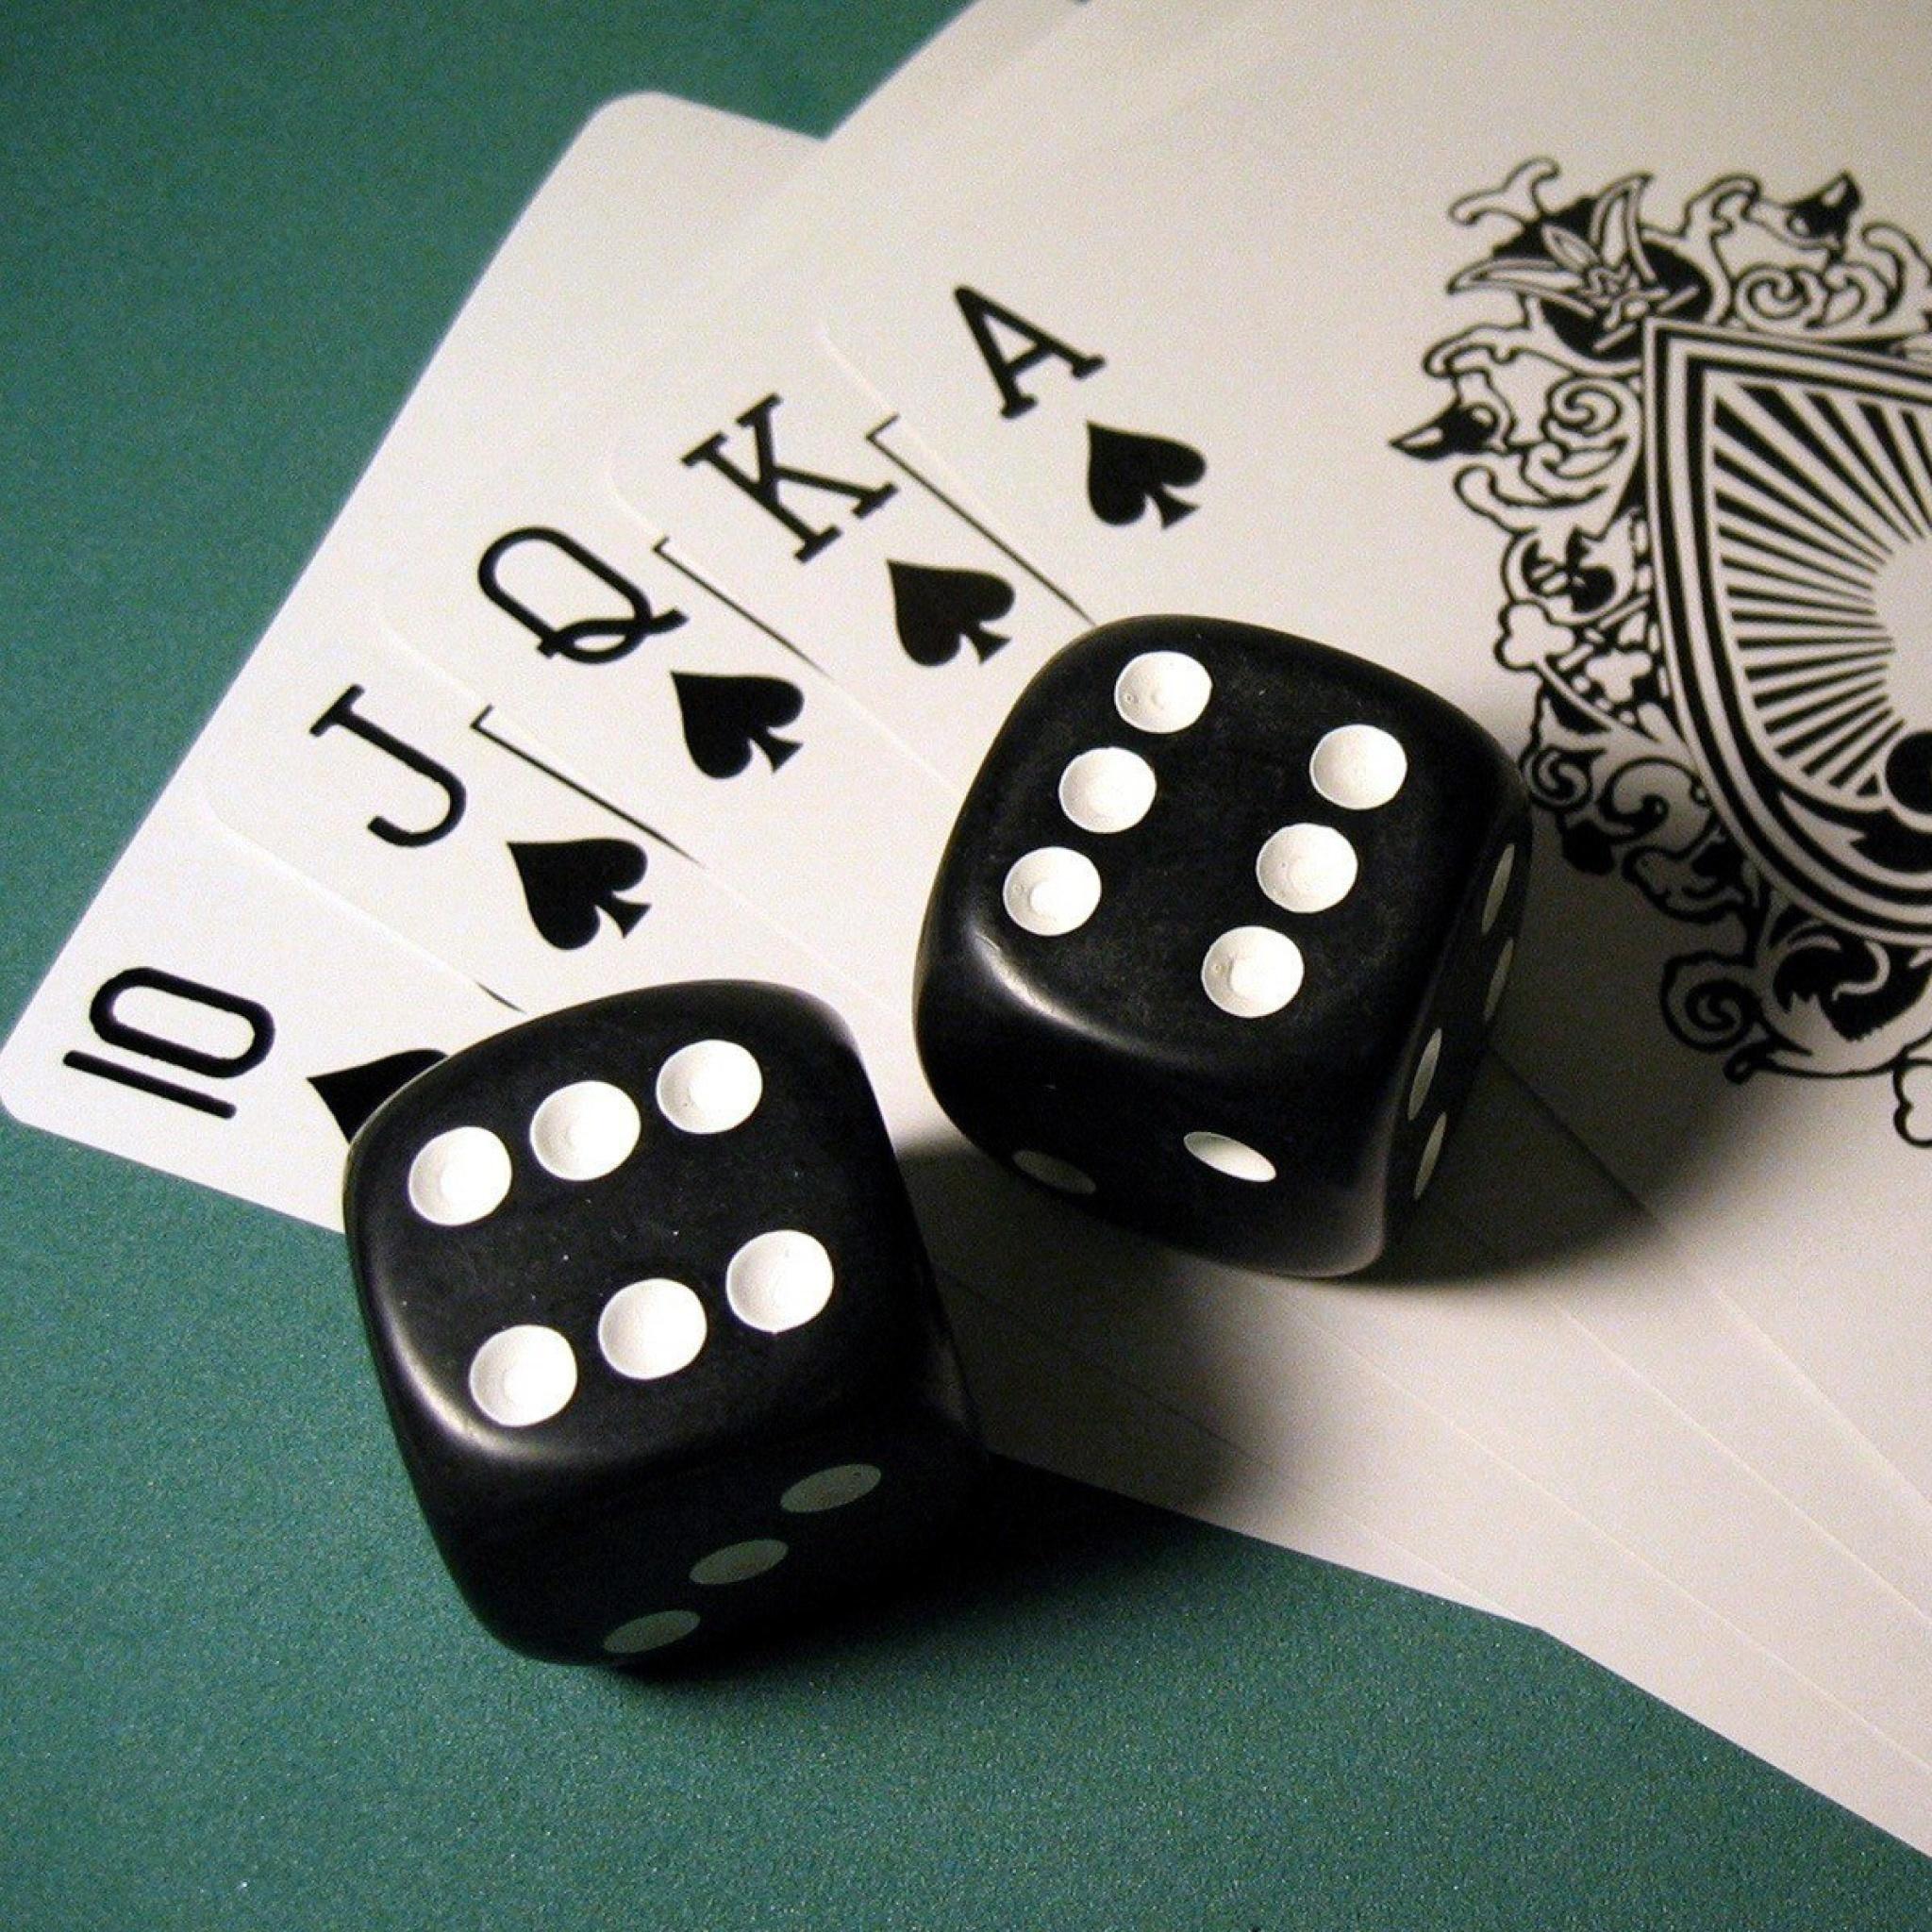 этом видео картинки на тему карточных игр представлен